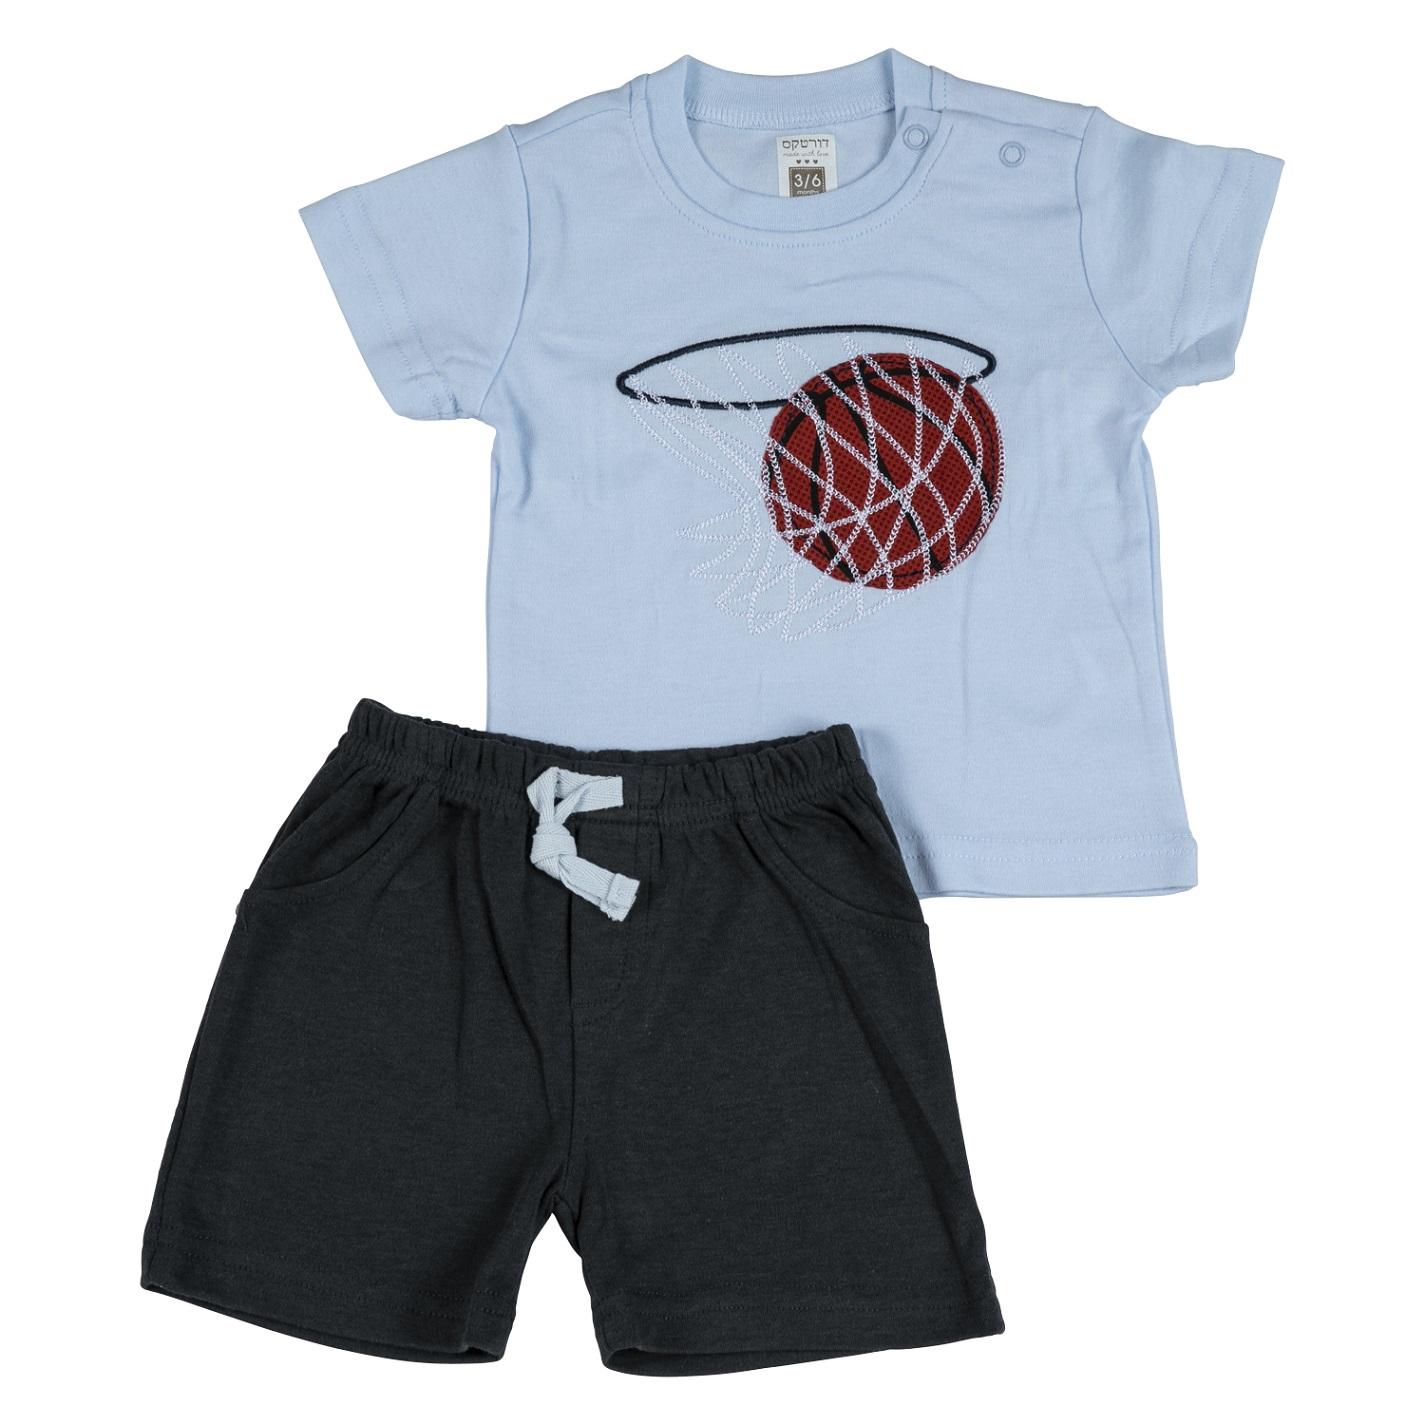 חליפה קצרה הדפס כדורסל